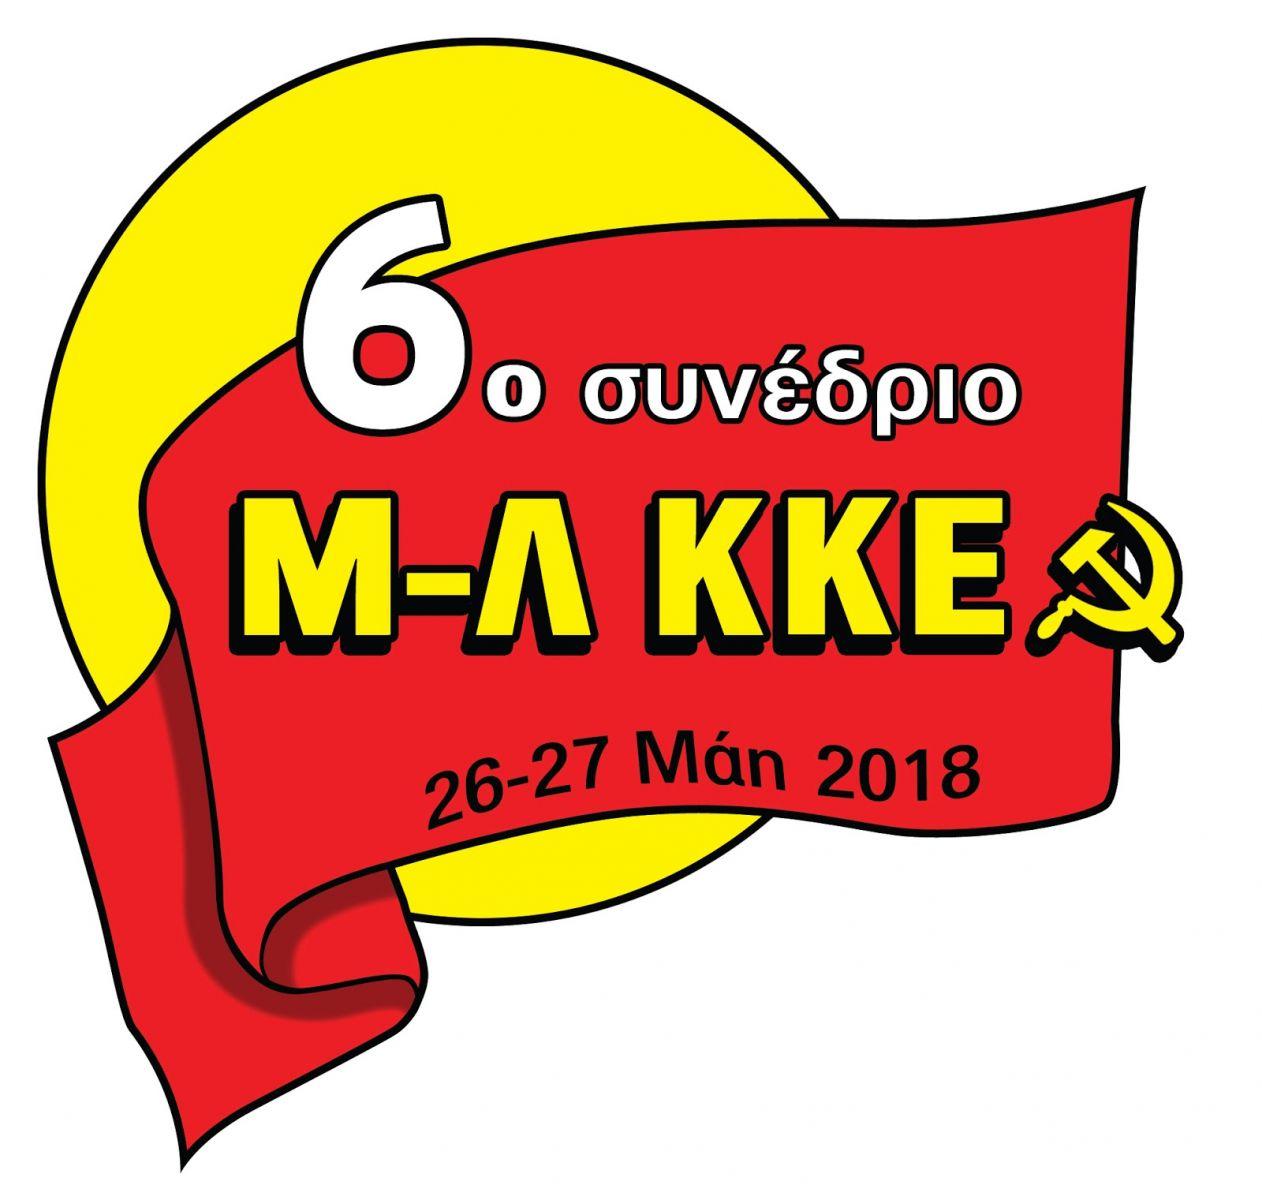 26-27 ΜΑΗ 2018